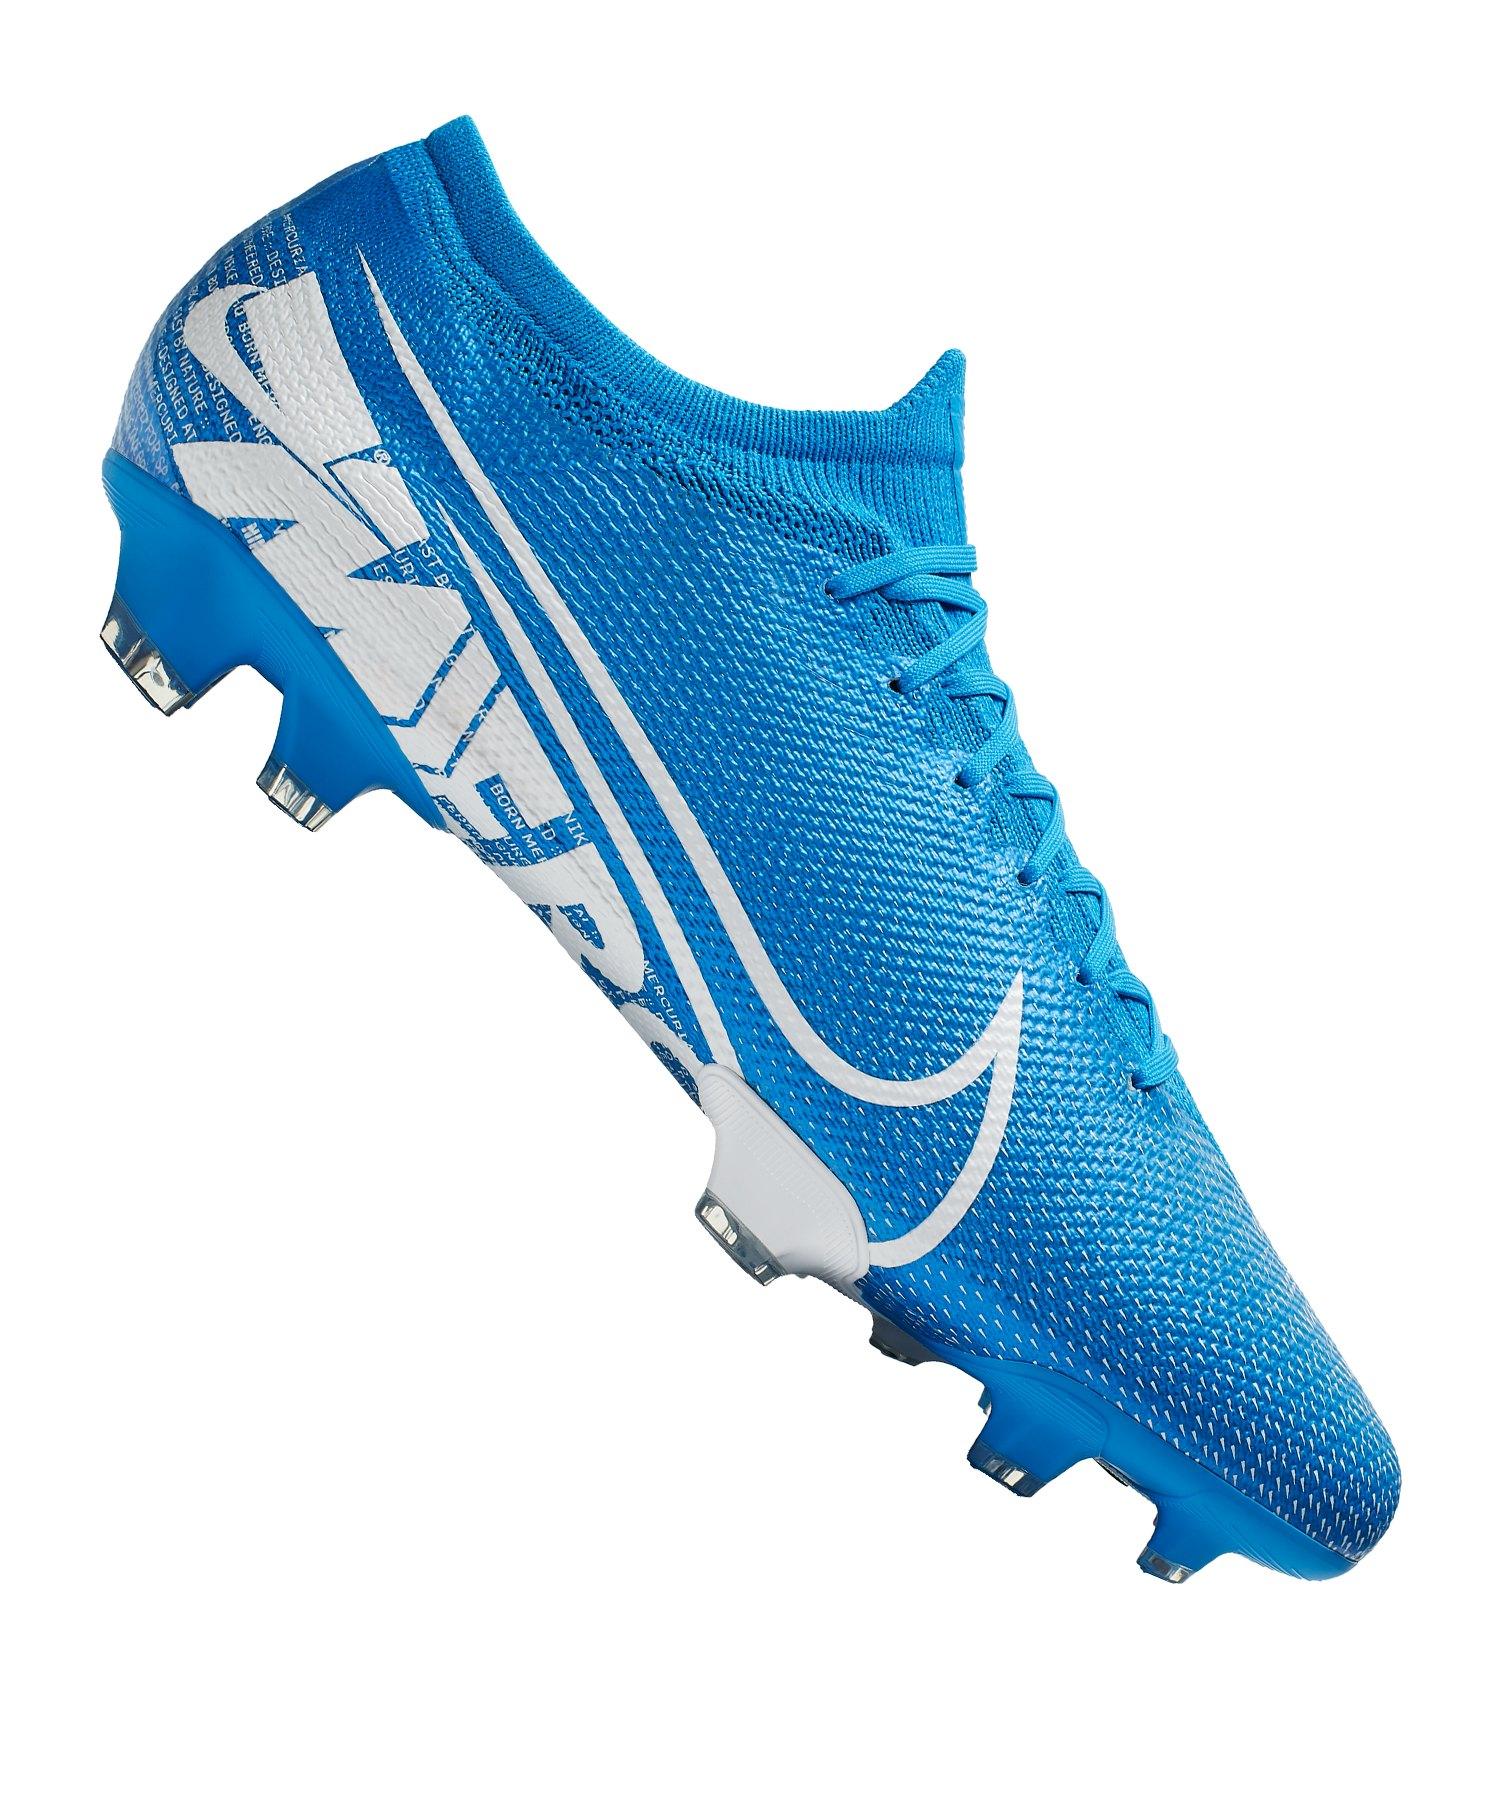 Nike Mercurial Vapor XIII Pro FG Blau Weiss F414 - blau